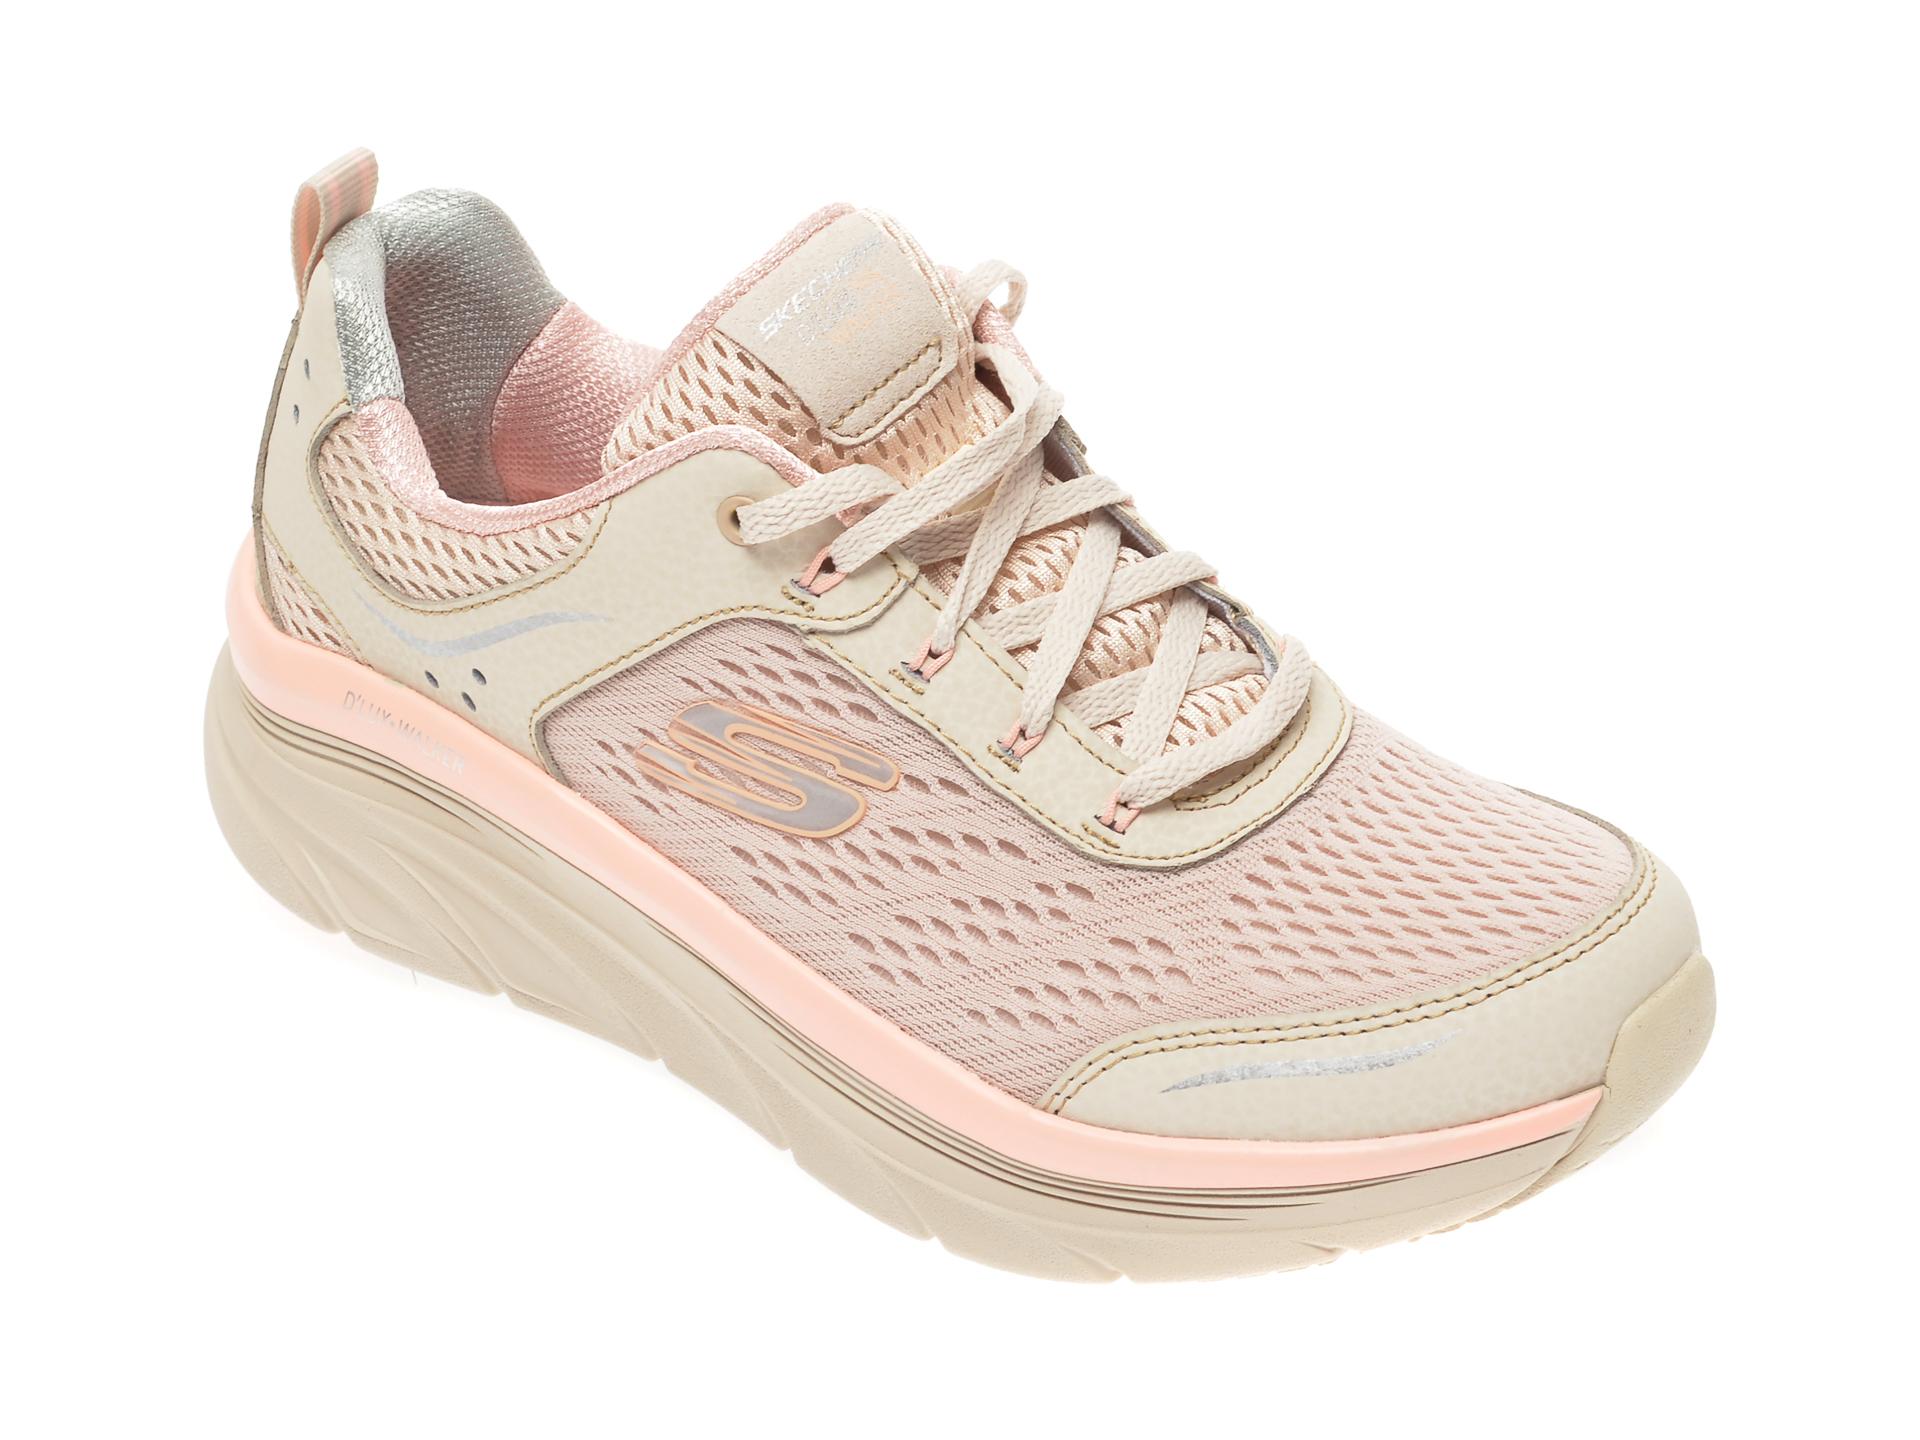 Pantofi sport SKECHERS bej, Dlux Walker, din material textil